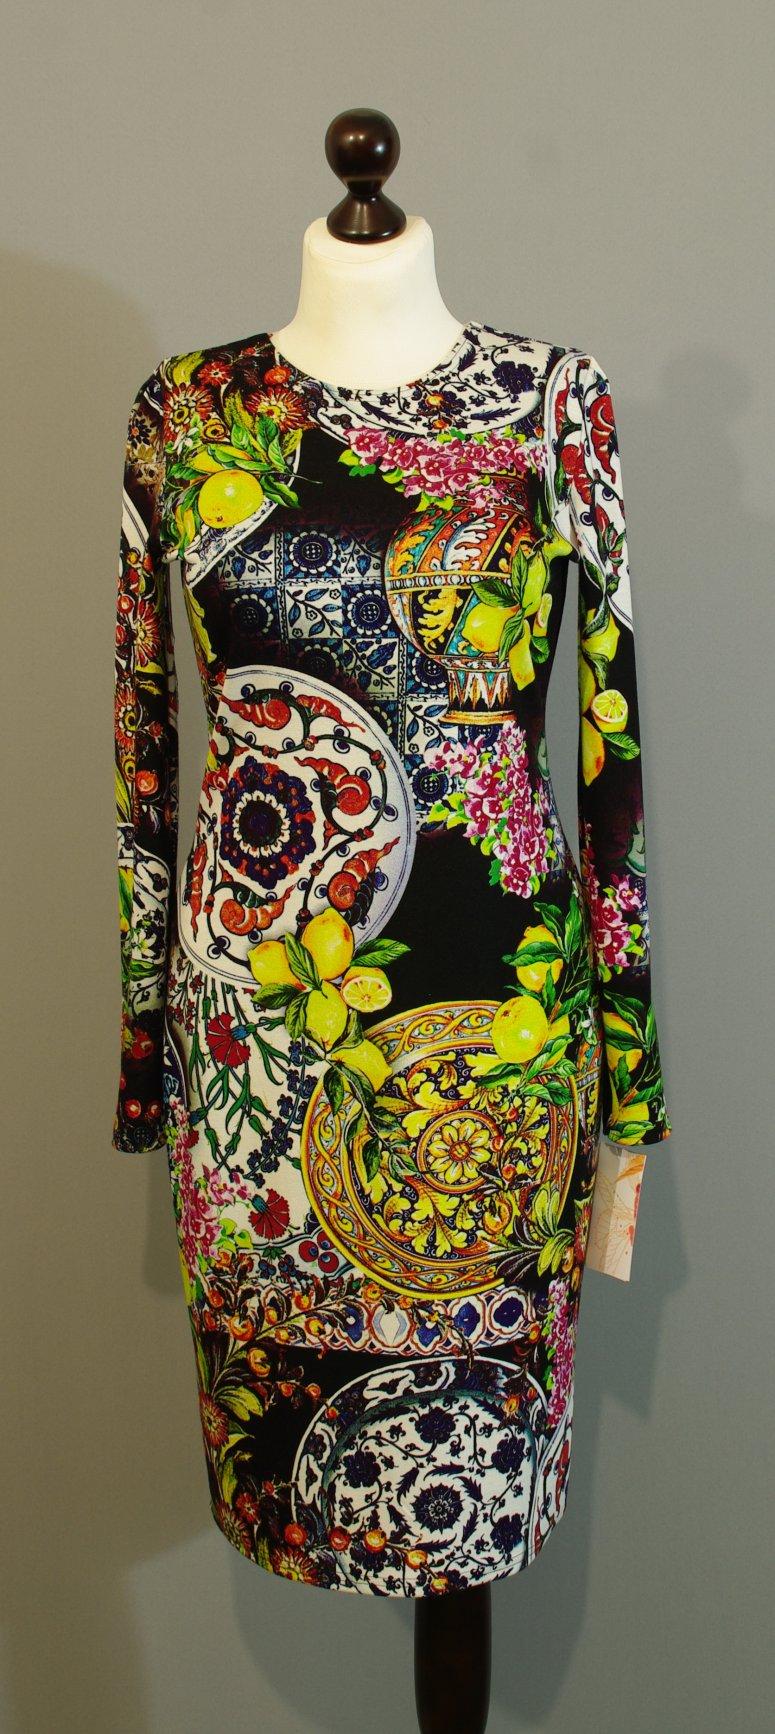 Купить Платье Зимнее Интернет Магазин